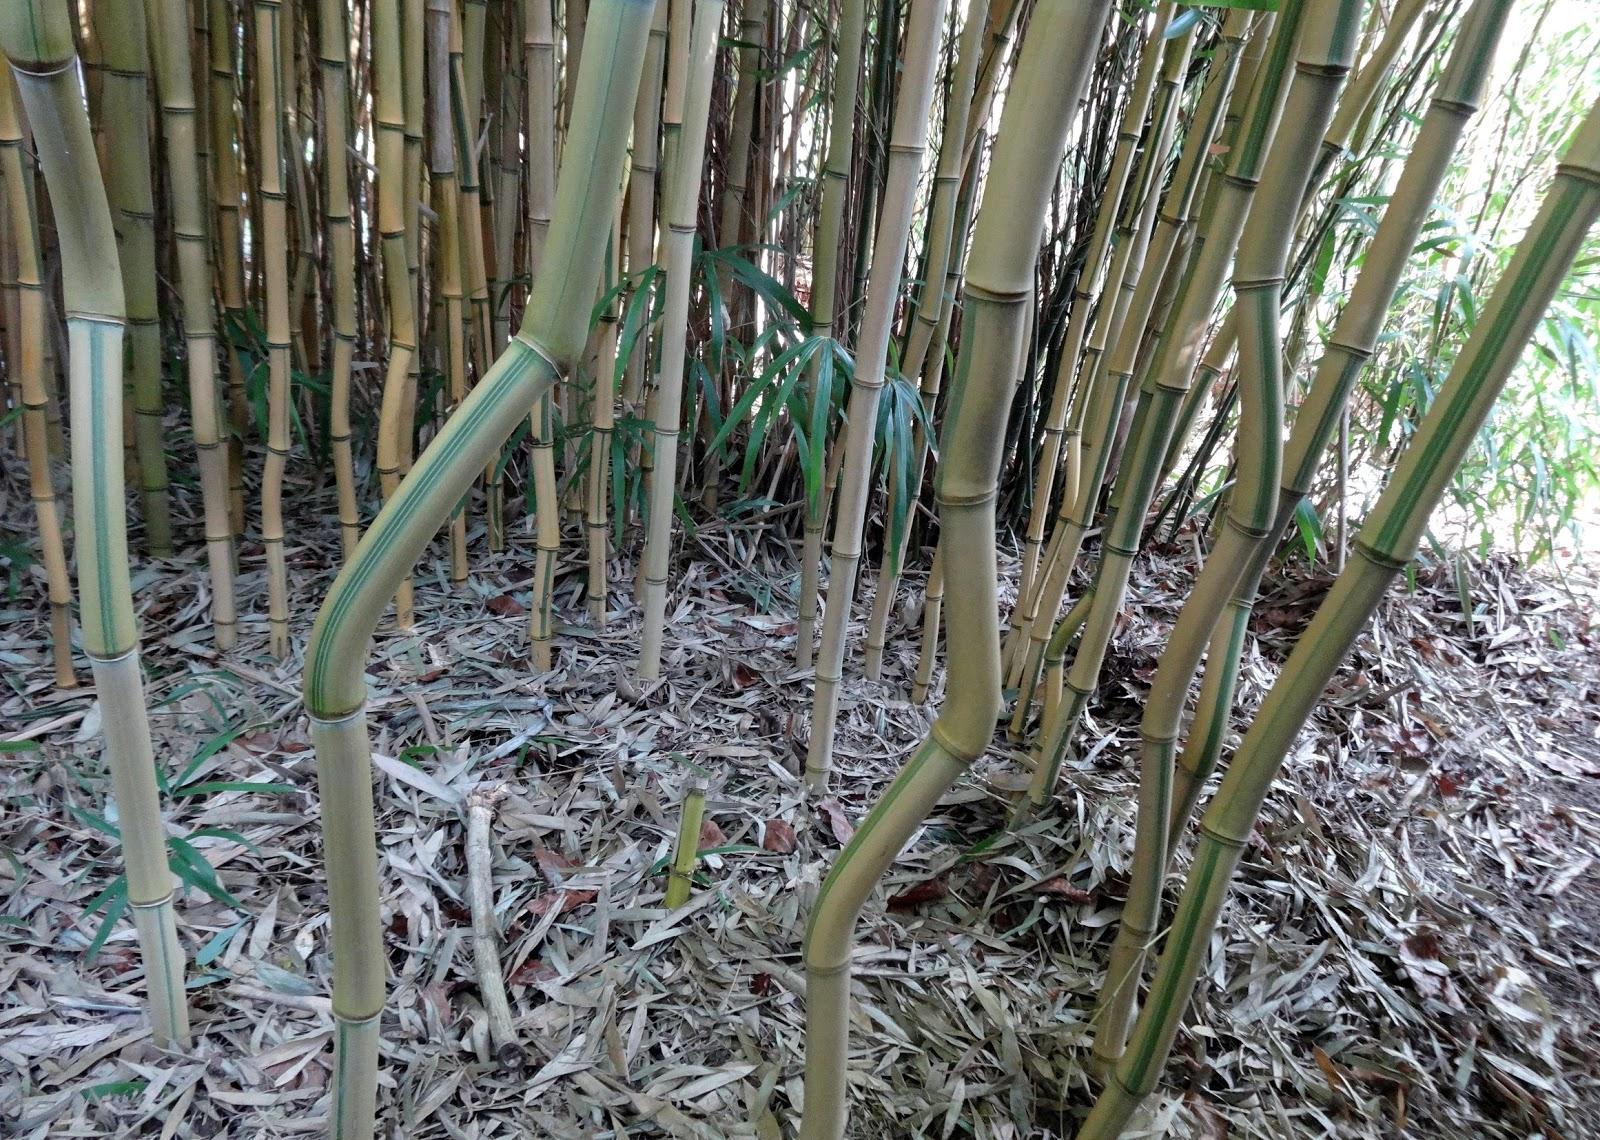 Le blog de parcs et jardins de l 39 oise le jardin du clos - Jardin de bambou cannes ...